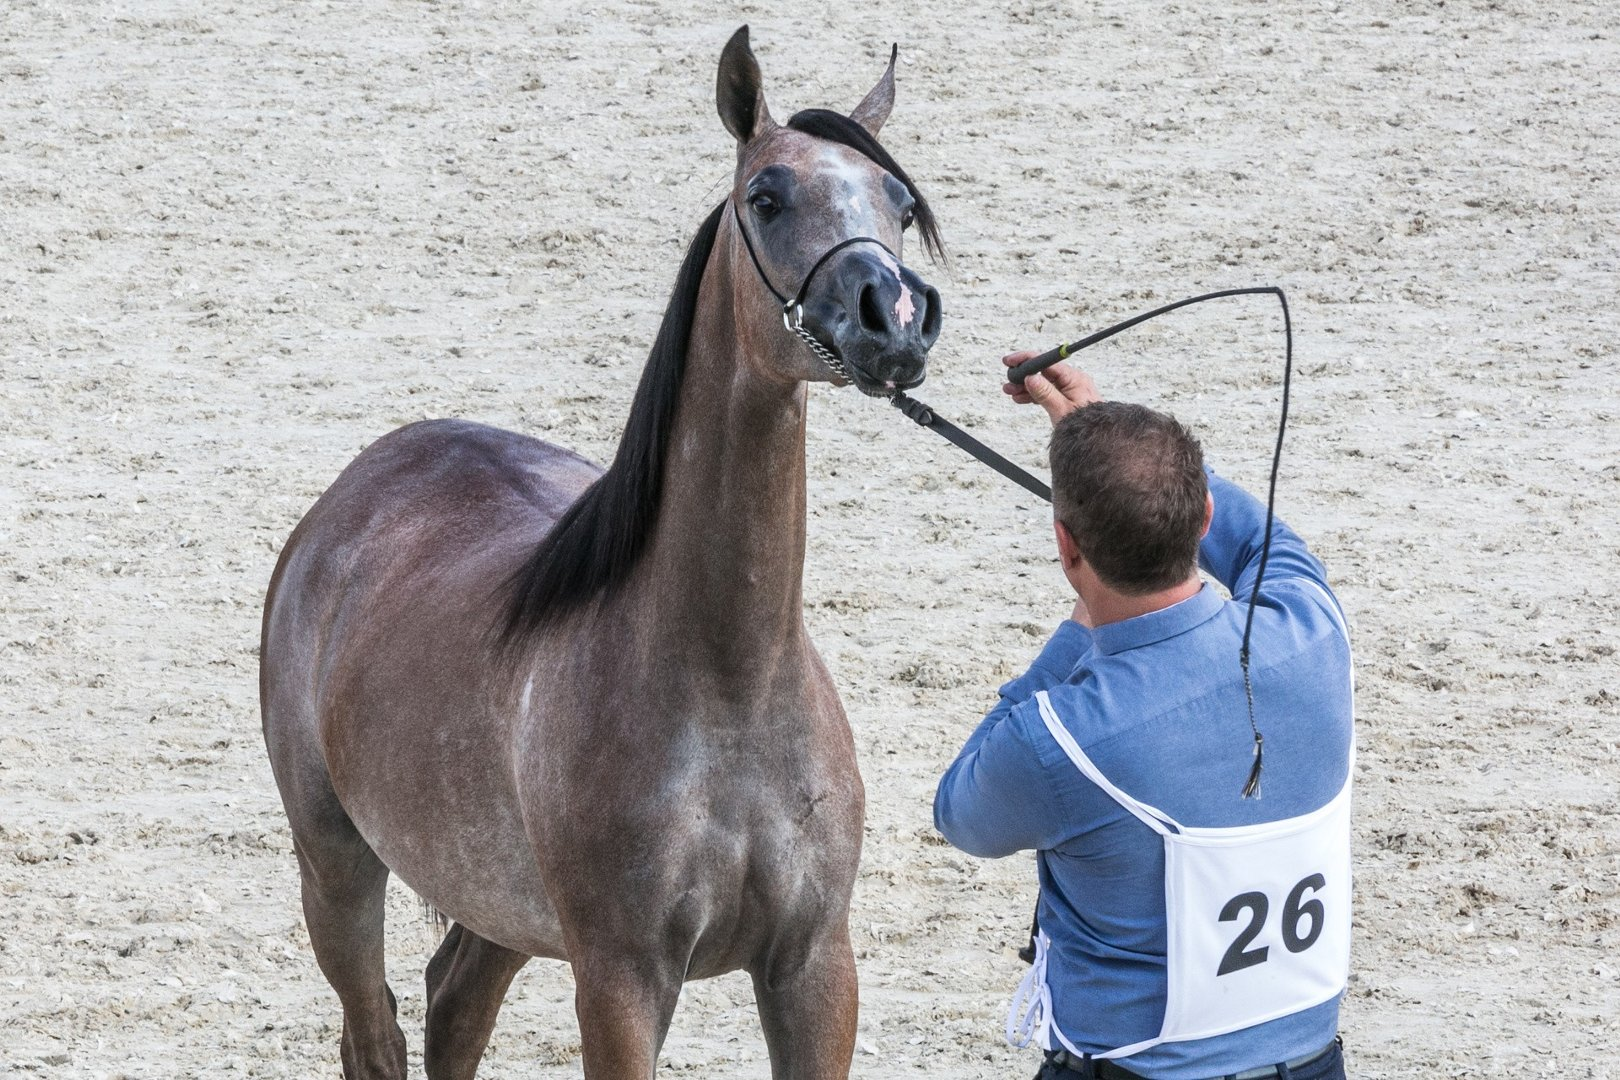 Konie Arabskie Na Pokazach Walczą O Laury Najpiękniejszych Zdjęcia